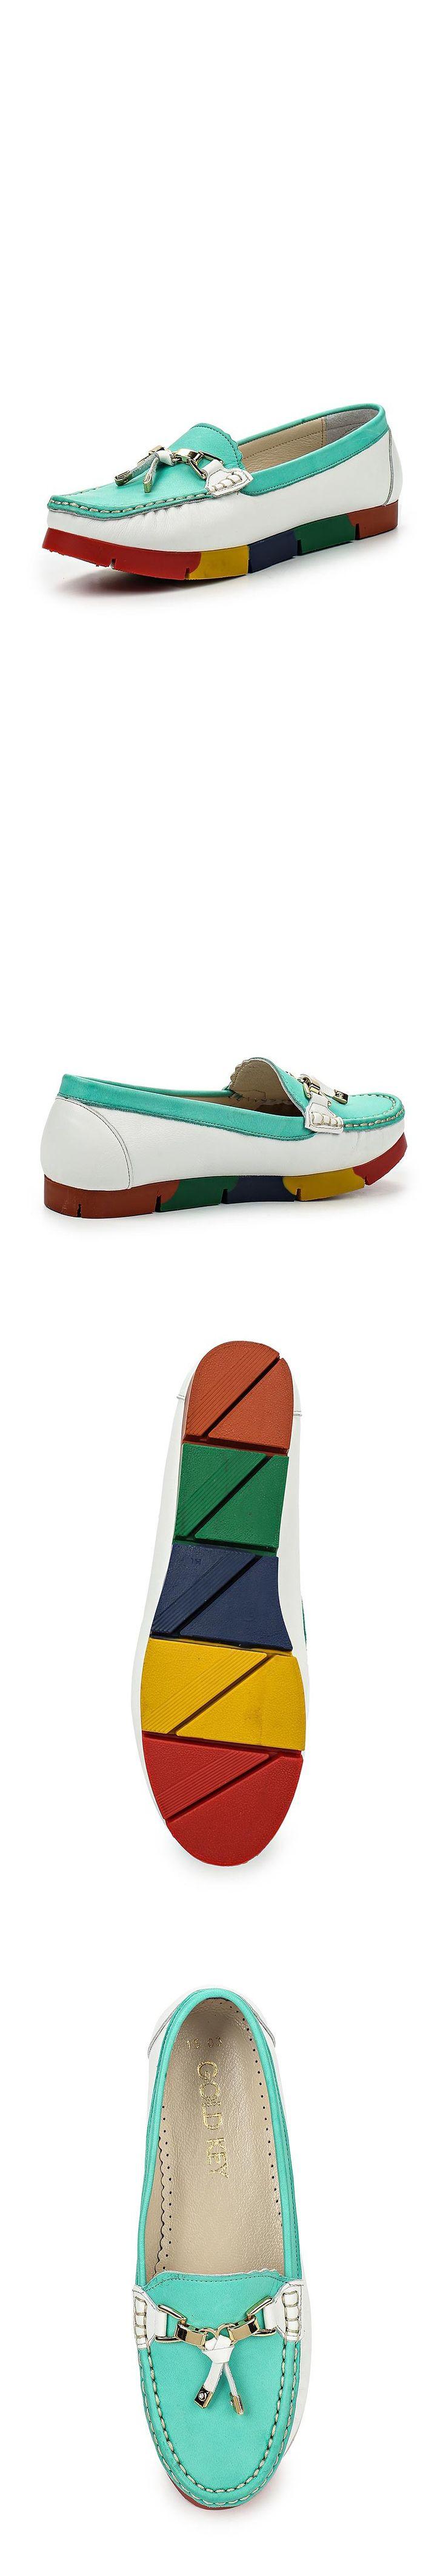 Женская обувь мокасины Gold Key за 5650.00 руб.